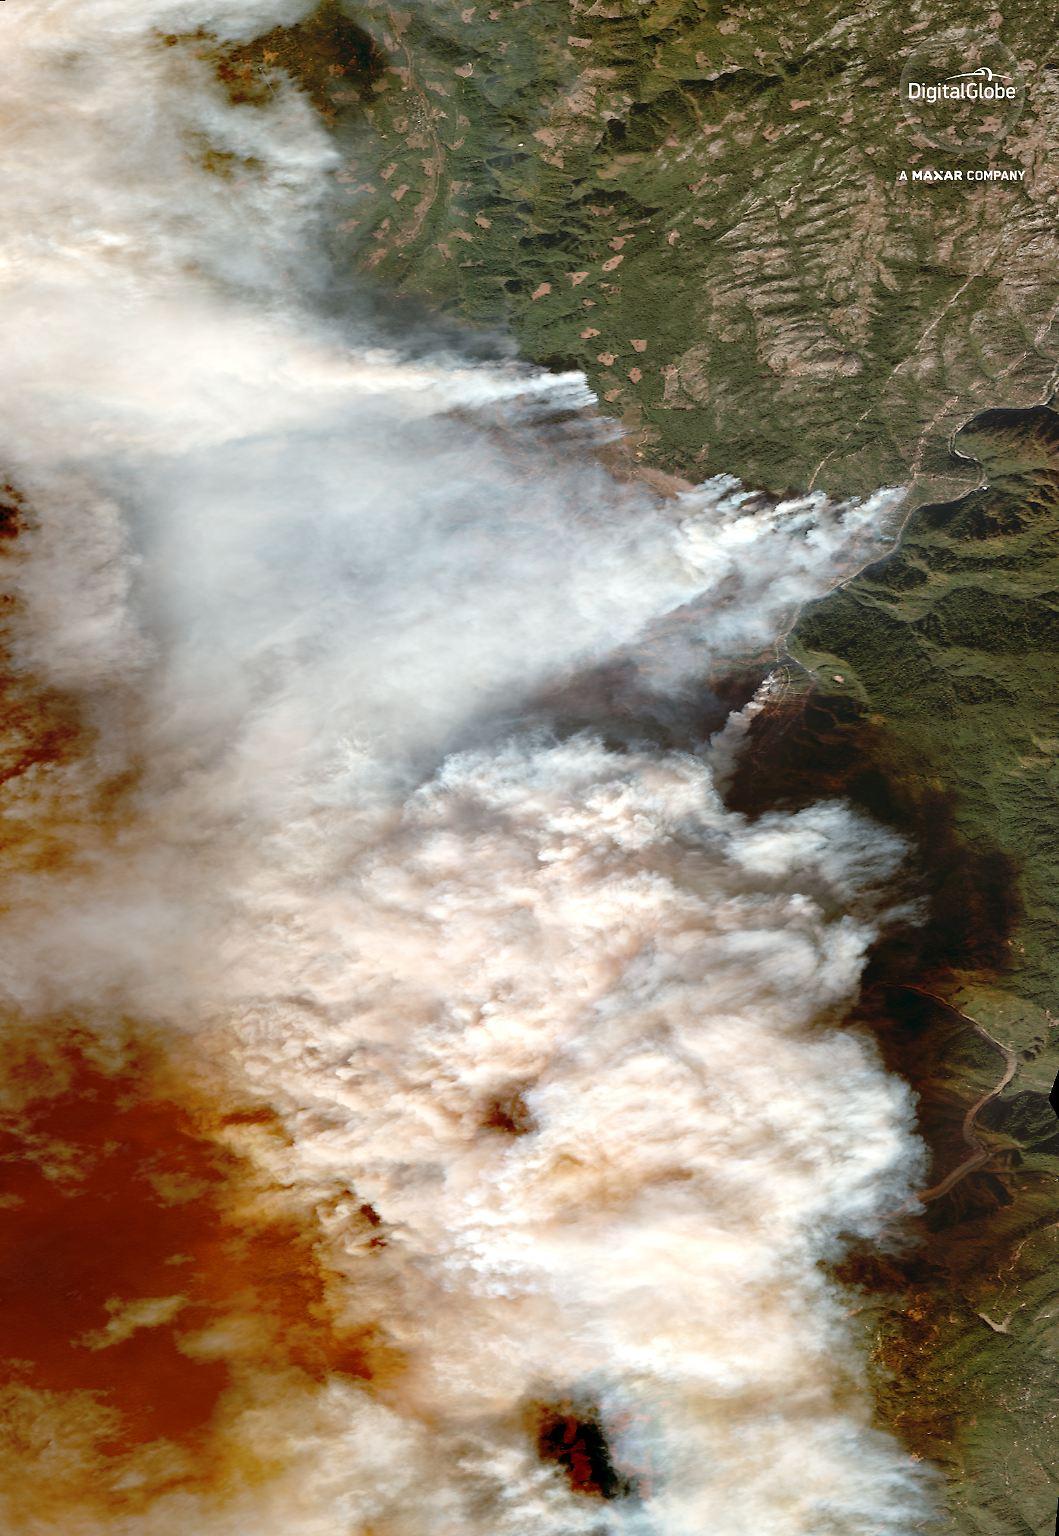 Waldbrände in Kalifornien: Bilder aus dem All:### Wie großflächig die Wald- und Buschbränd ein Kalifornien wüten, zeigen Satellitenbilder der besonders betroffenen Region rund um die Stadt Paradise nordöstlich von San Francisco. Die Umgebung von Paradise liegt unter dichten Qualmwolken. 01_overview of camp fire_paradise california_9nov2018_digitalglobe_wv3.jpg